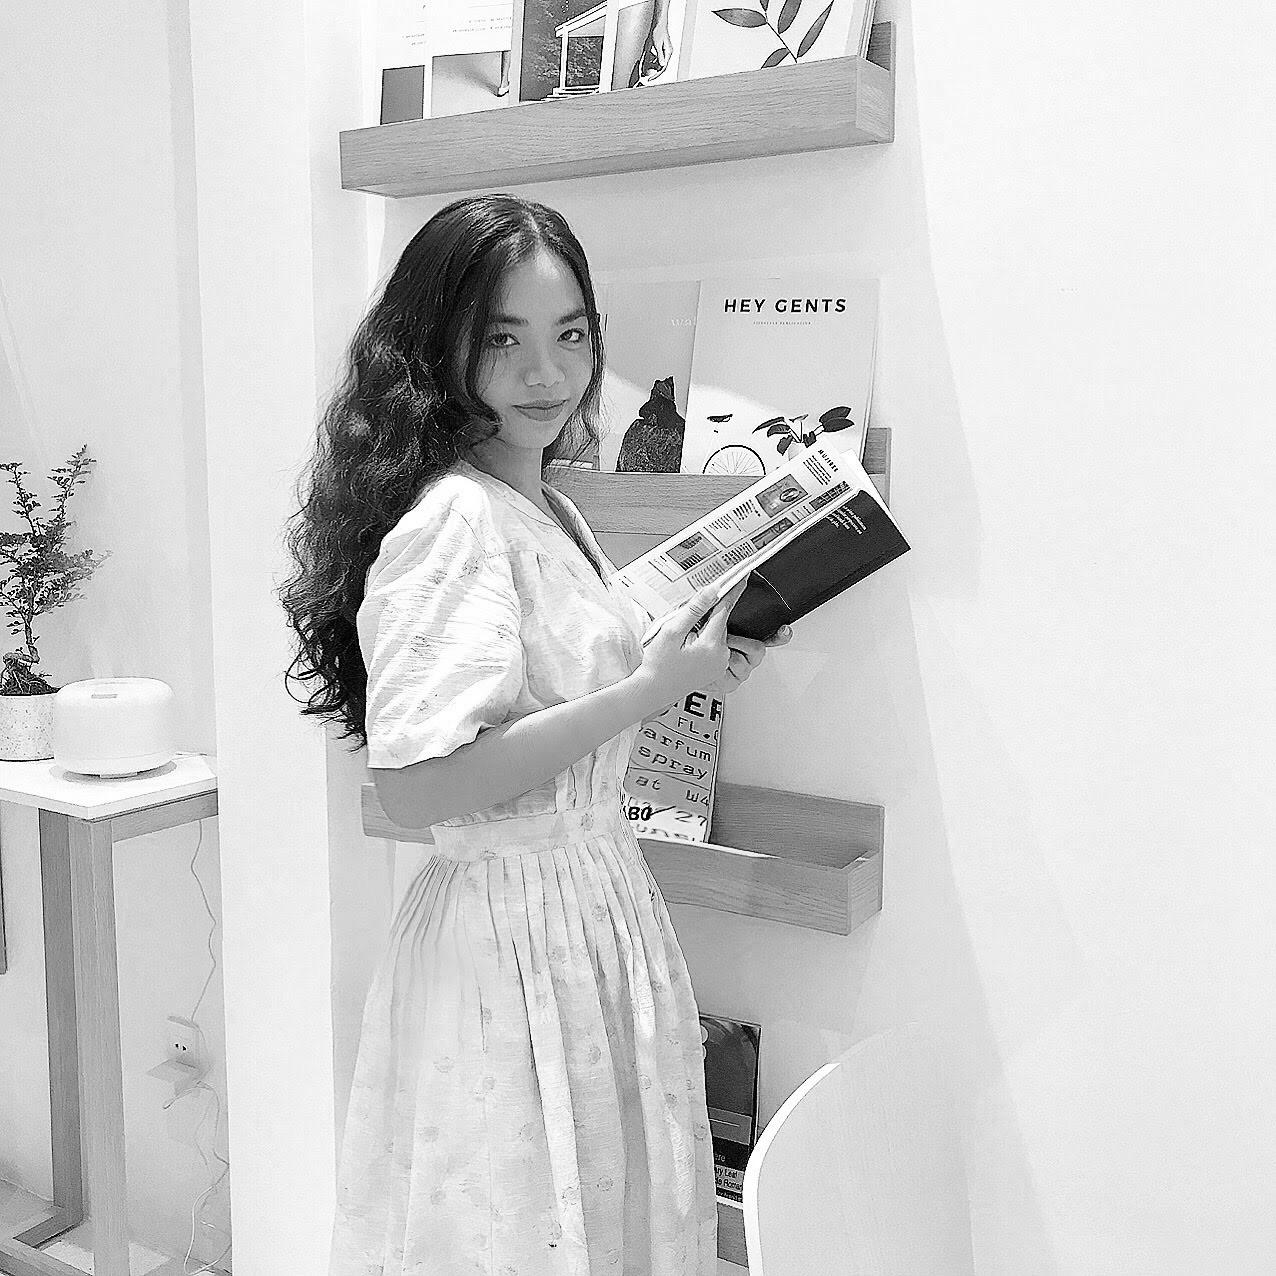 Ms. Vi Nguyen